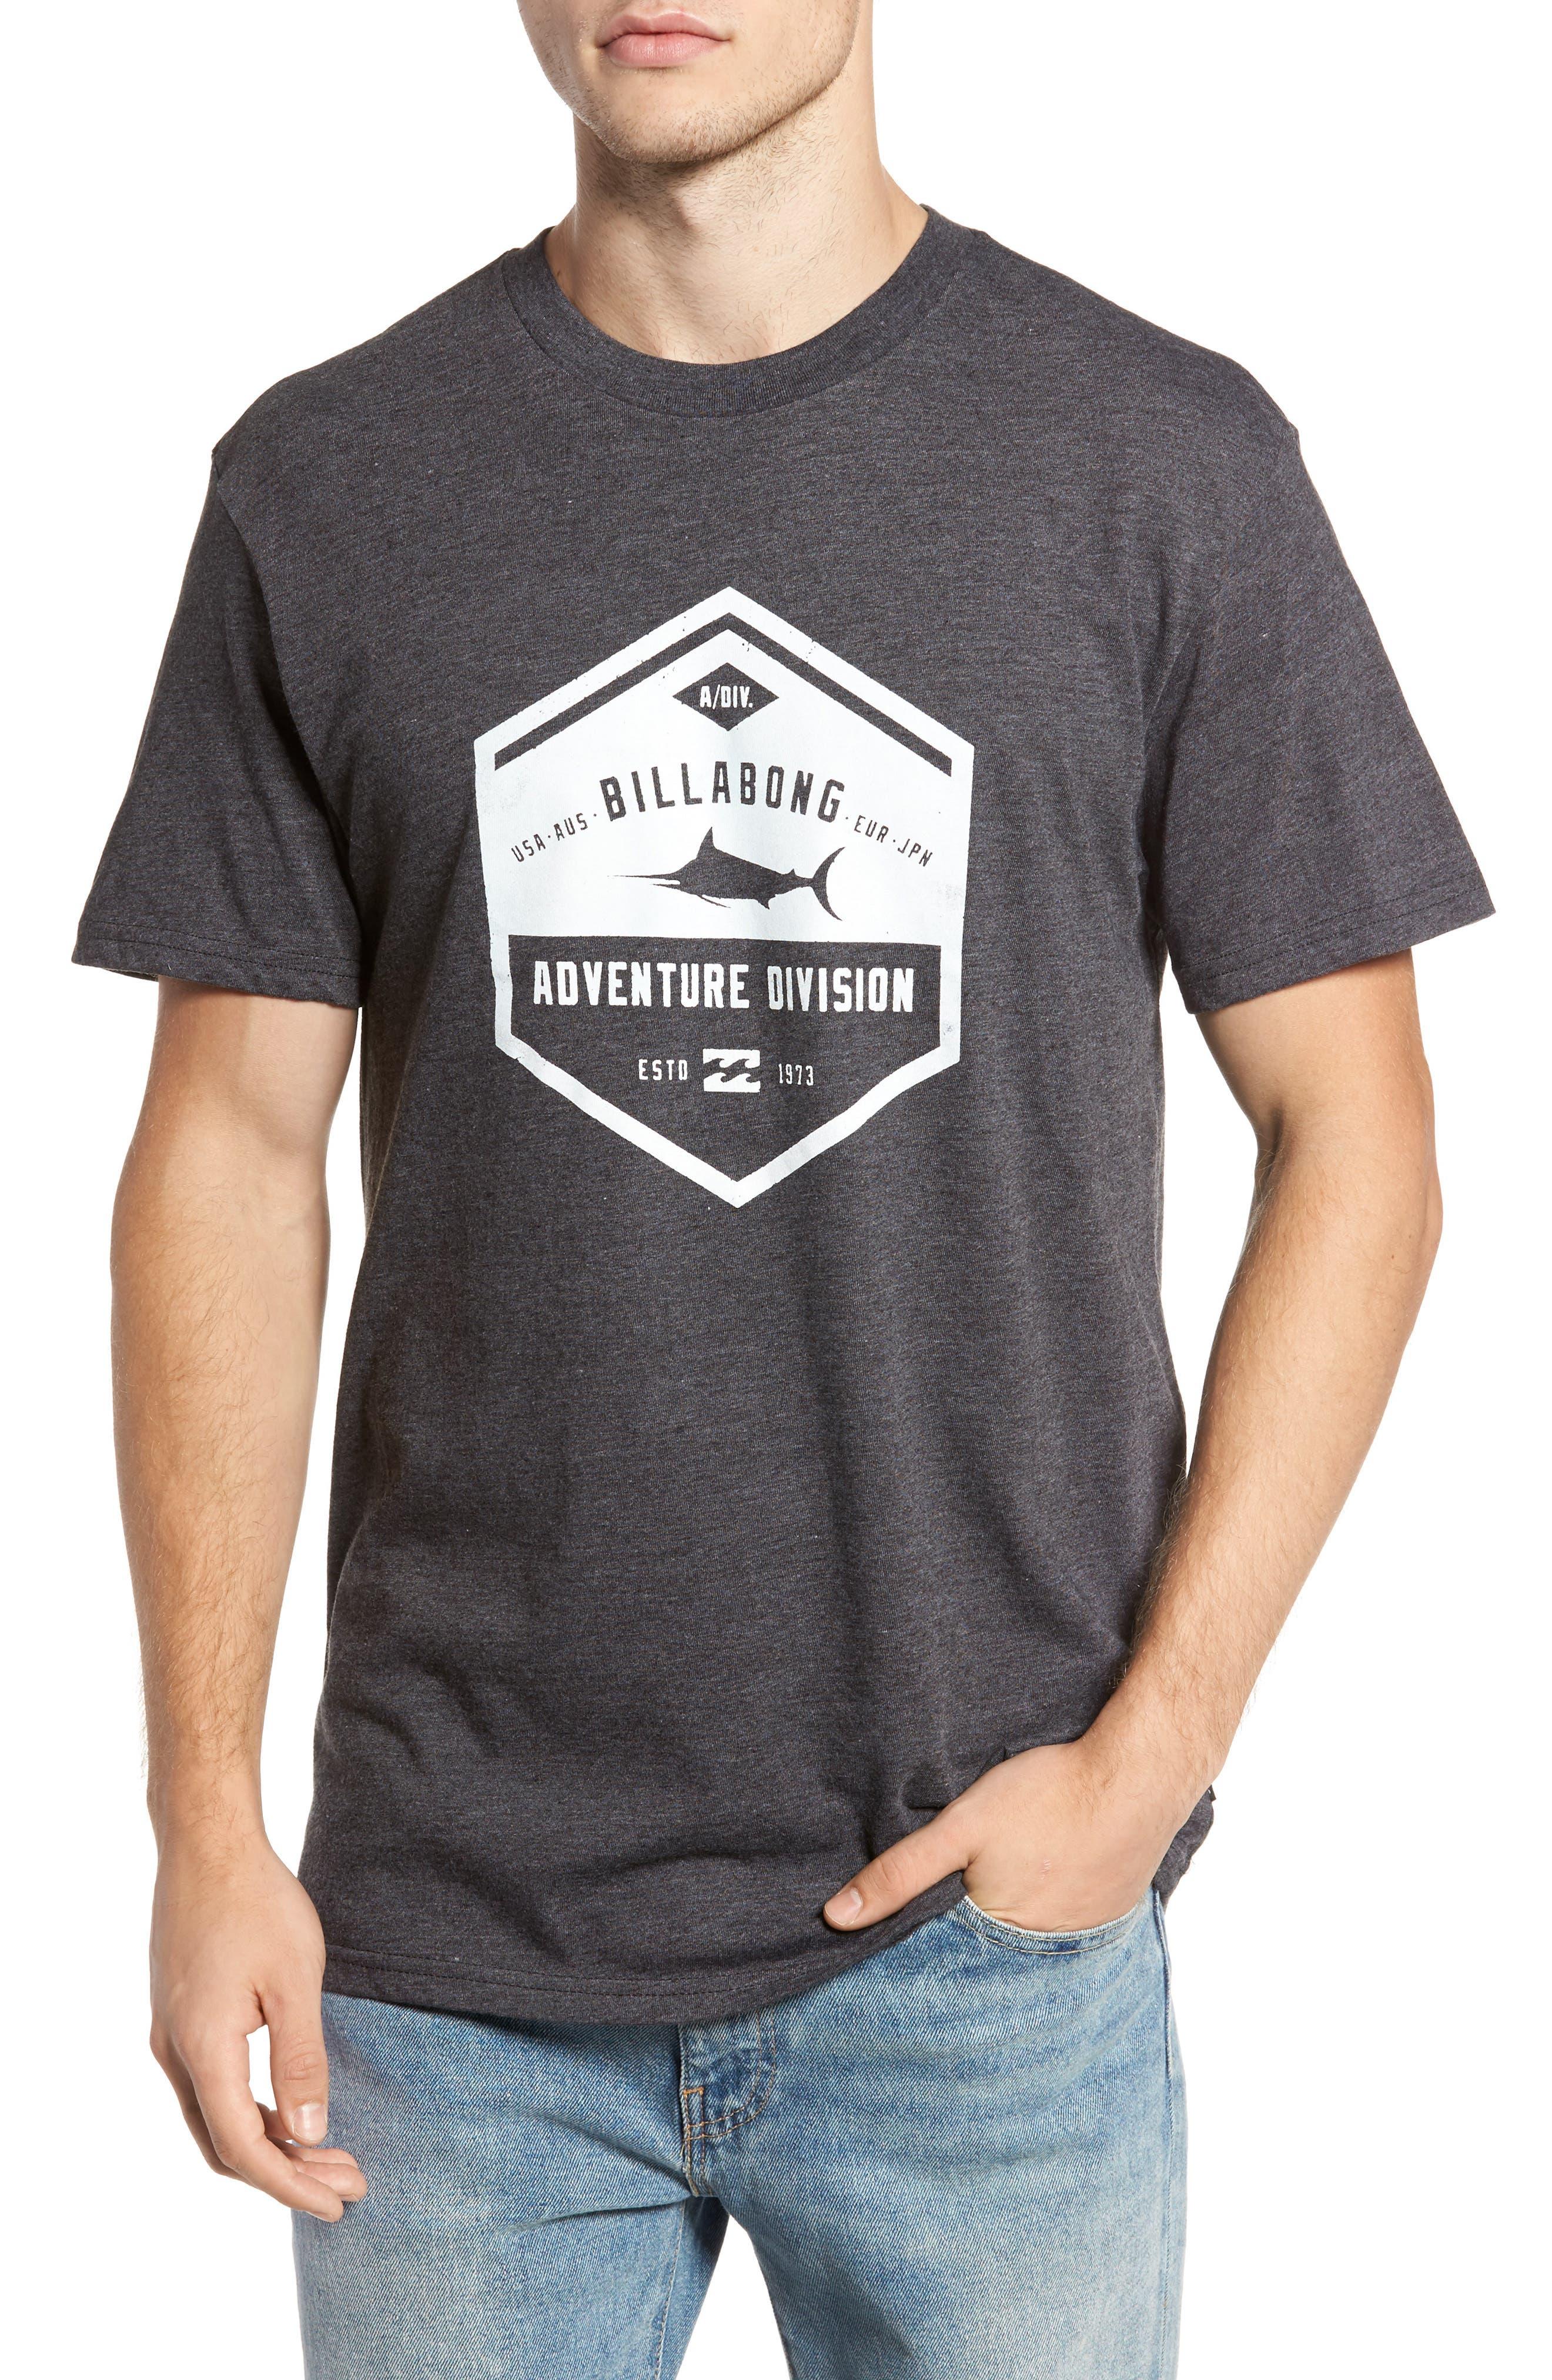 Billabong Trade Winds Graphic T-Shirt